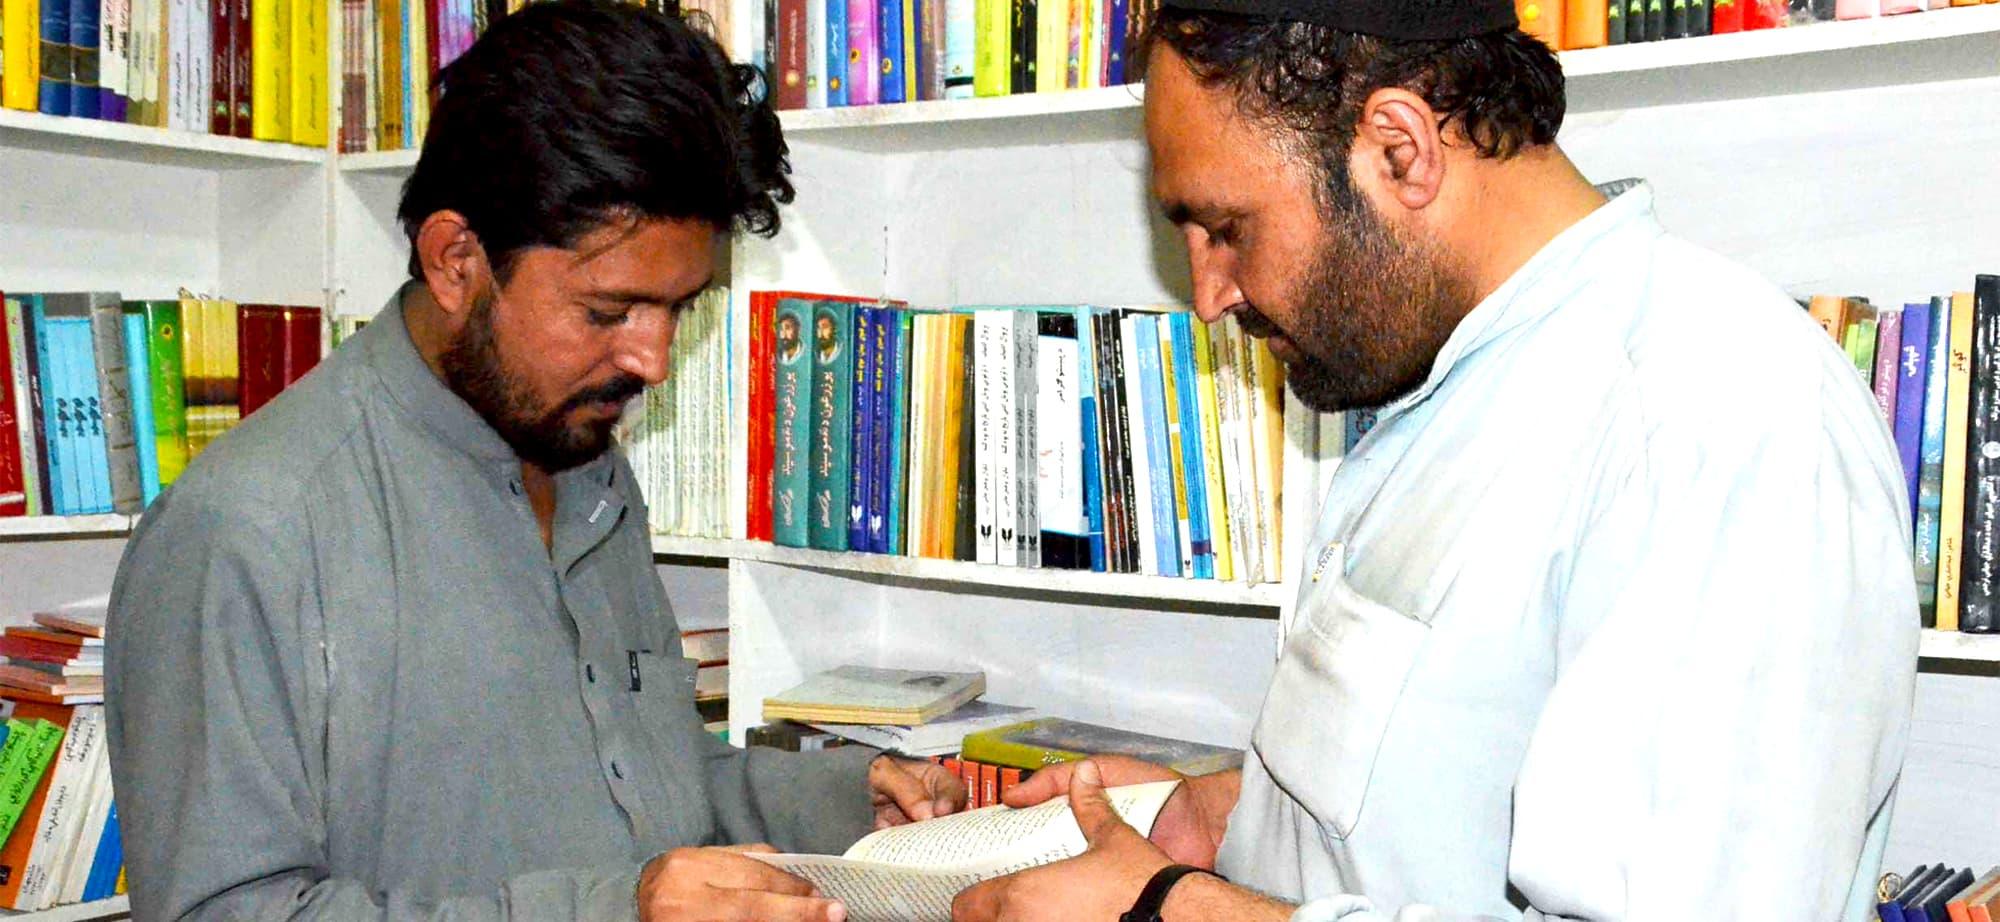 Baz Khan with a customer